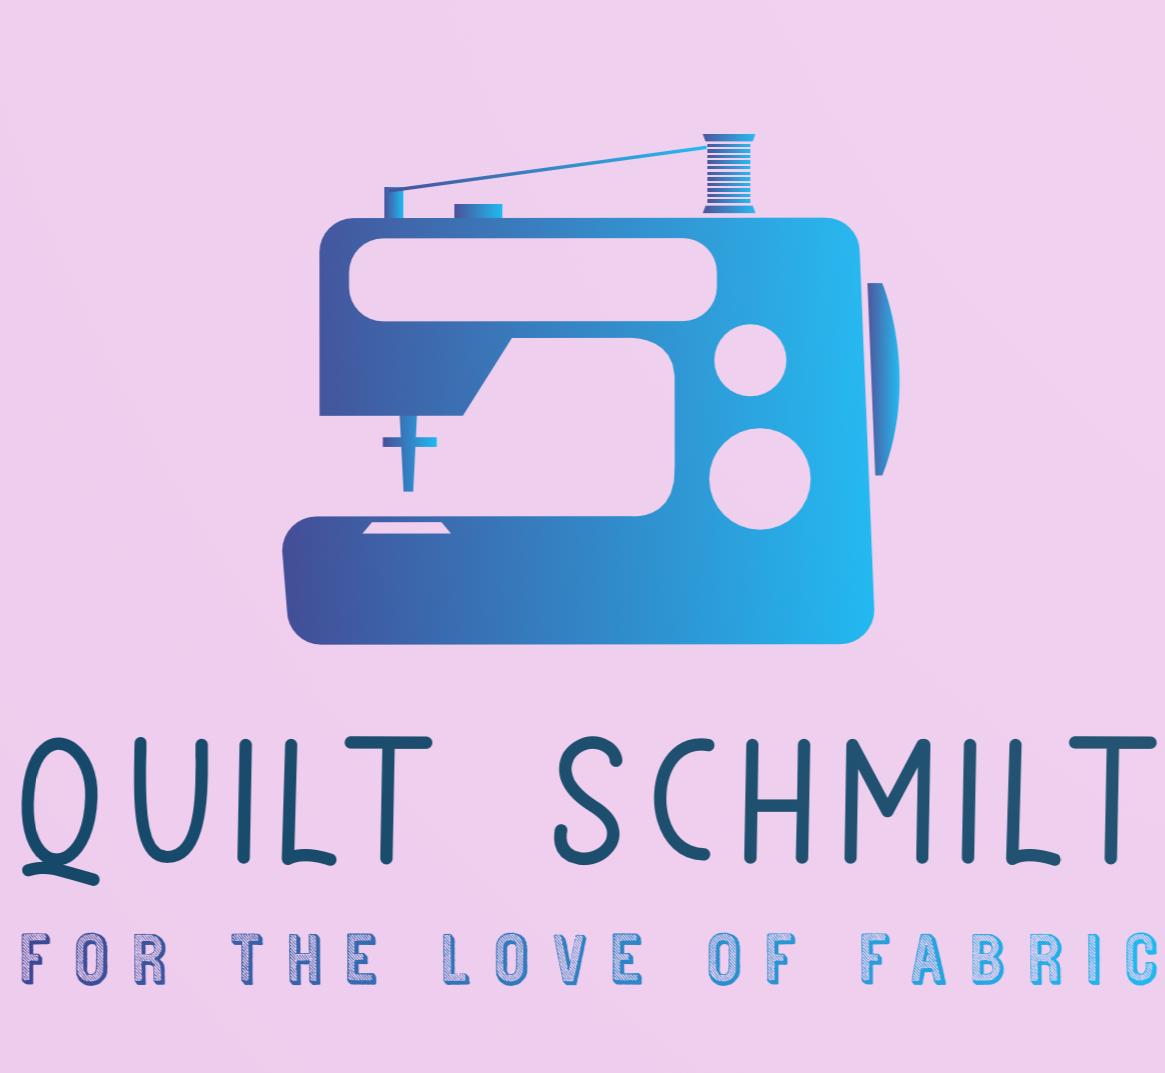 Quilt Schmilt